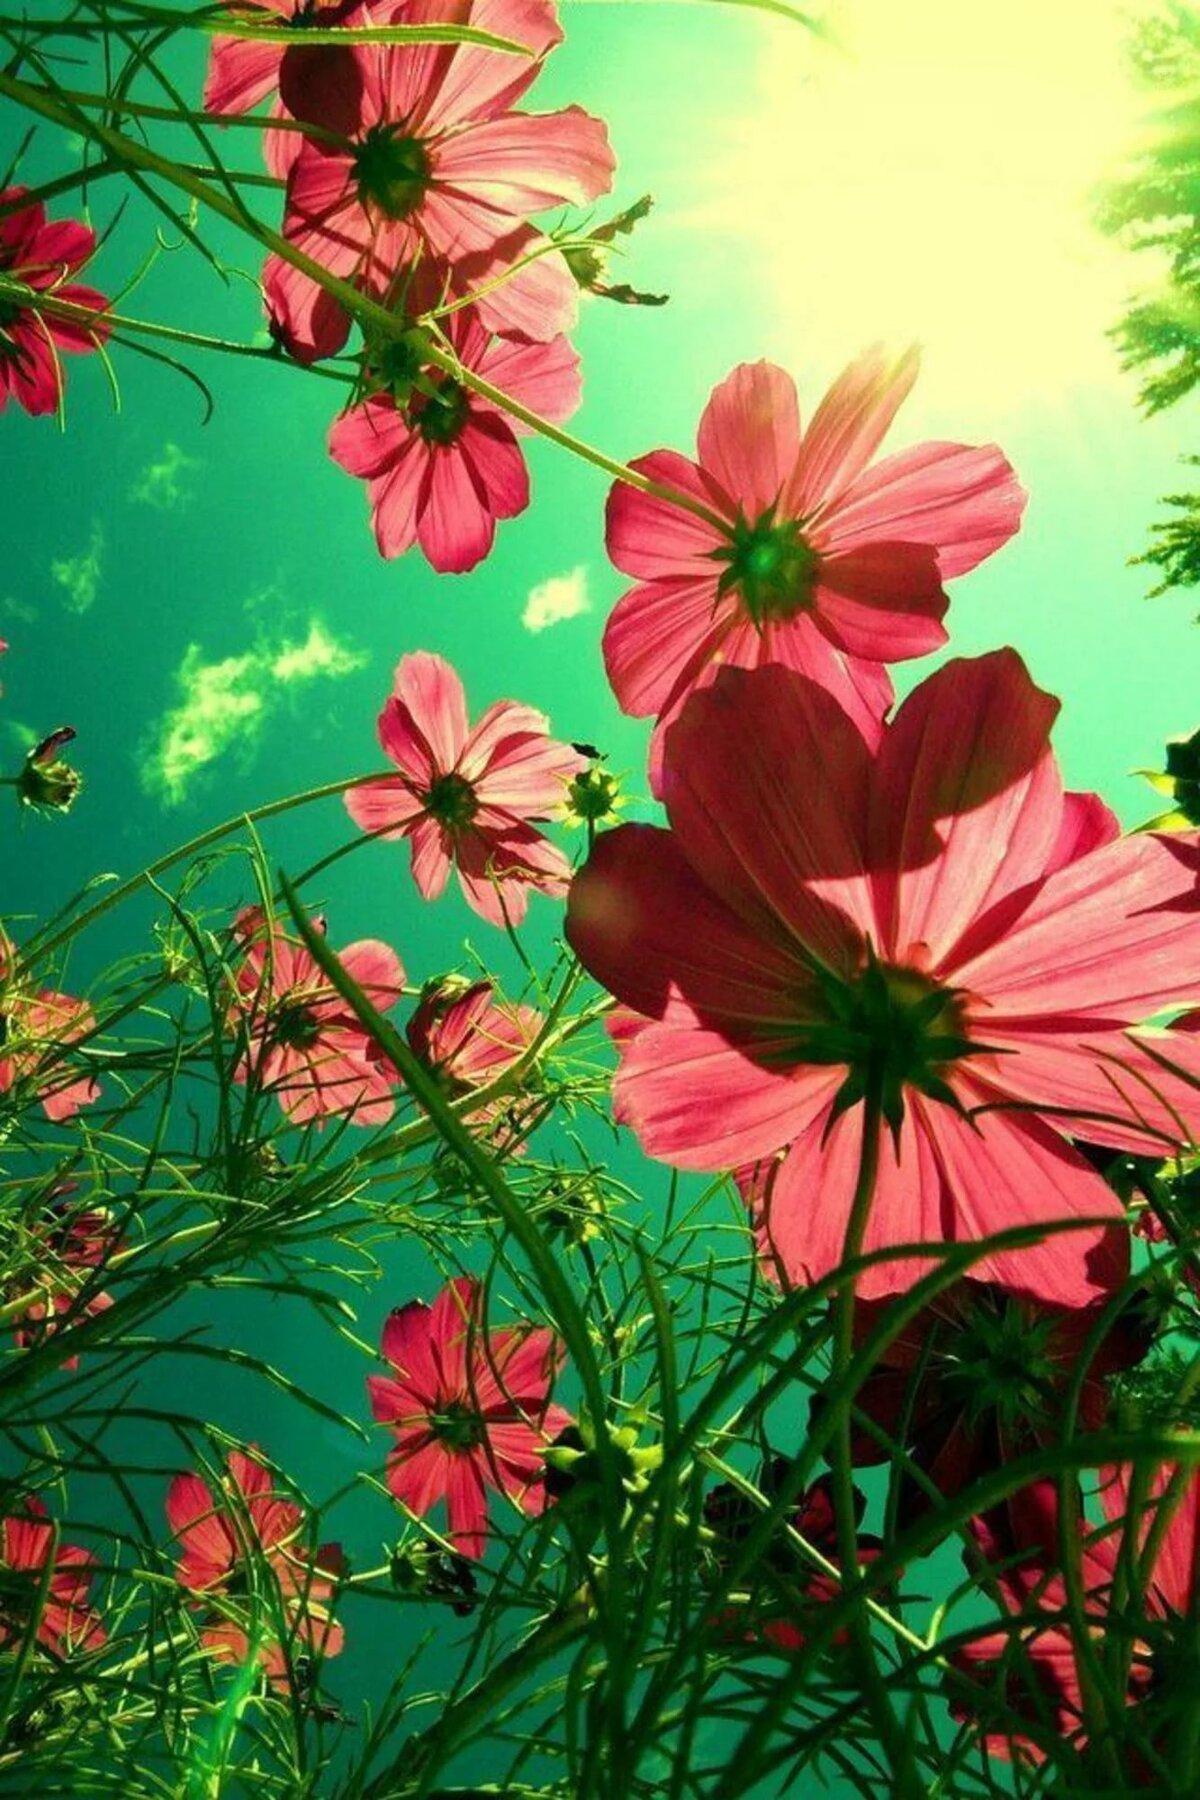 Любви для, картинки для мобильного телефона цветы